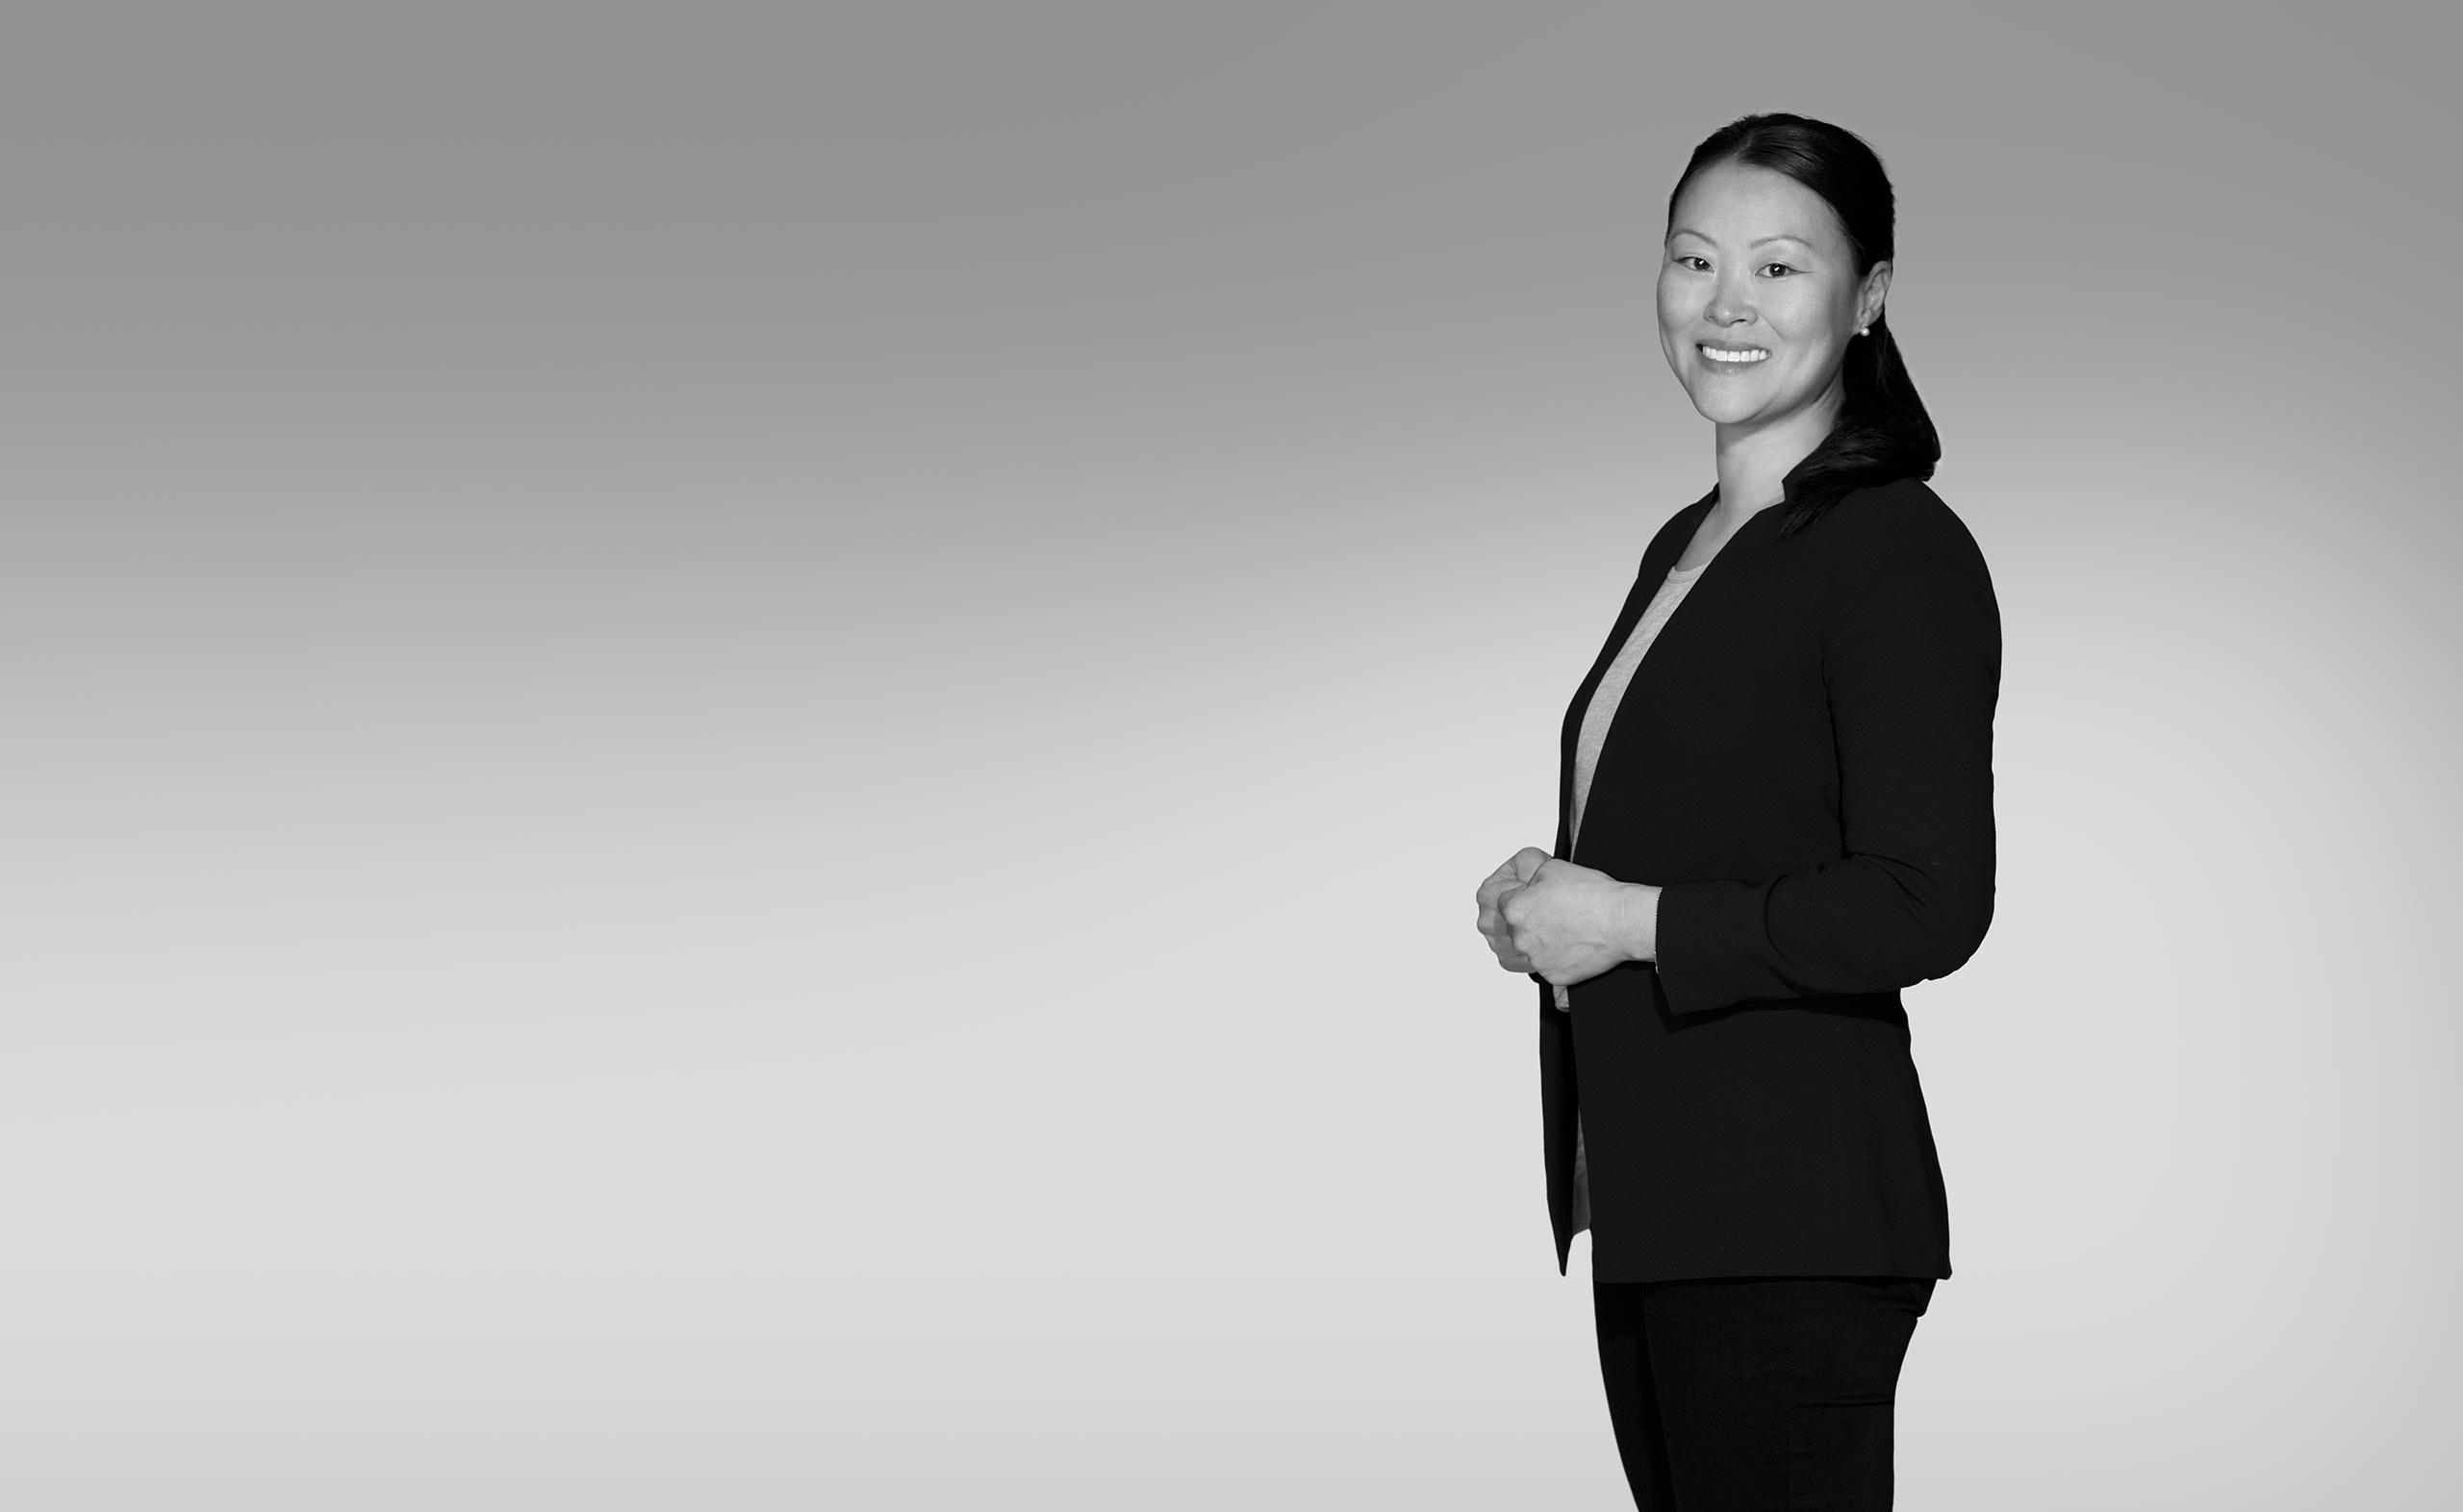 Madeleine Peylow, Reg. fastighetsmäklare på Södermalm